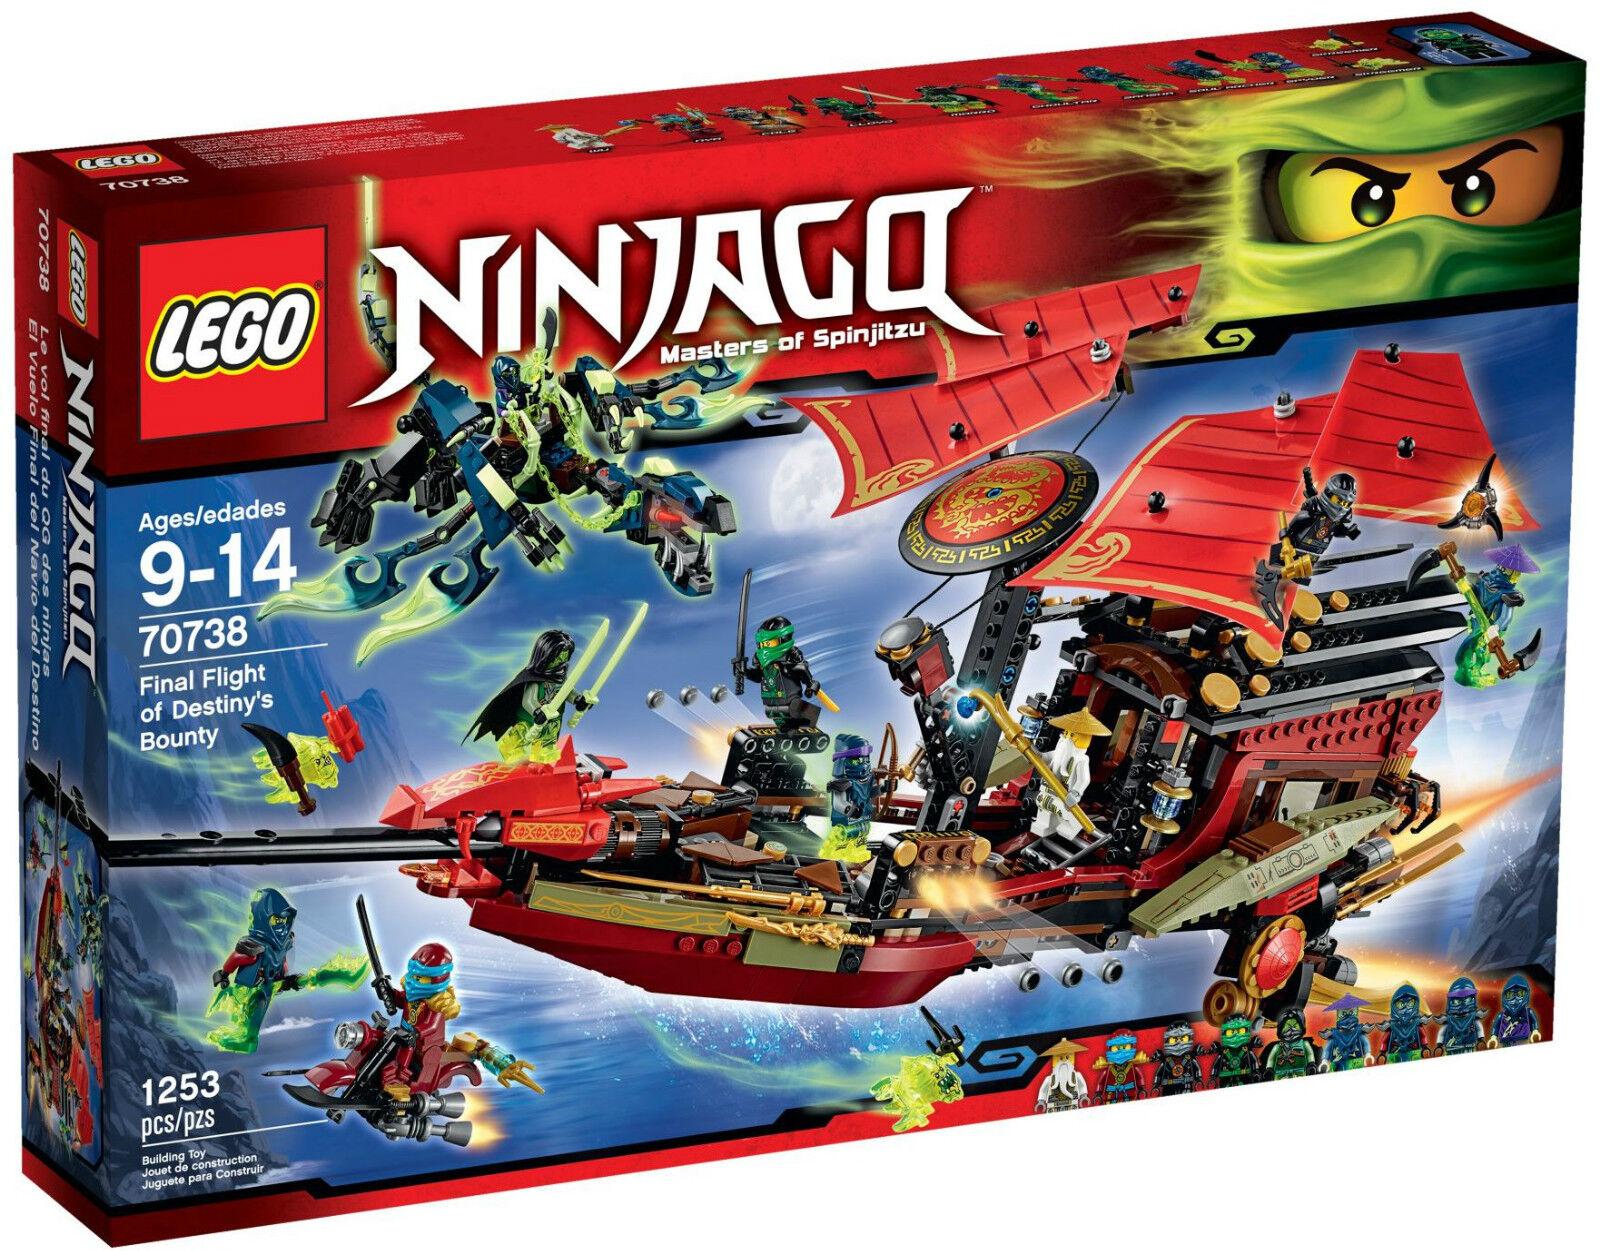 LEGO Ninjago  Final Flumière of Destiny's Bounty  70738 - BNIB - 2015 Release  qualité pas cher et top